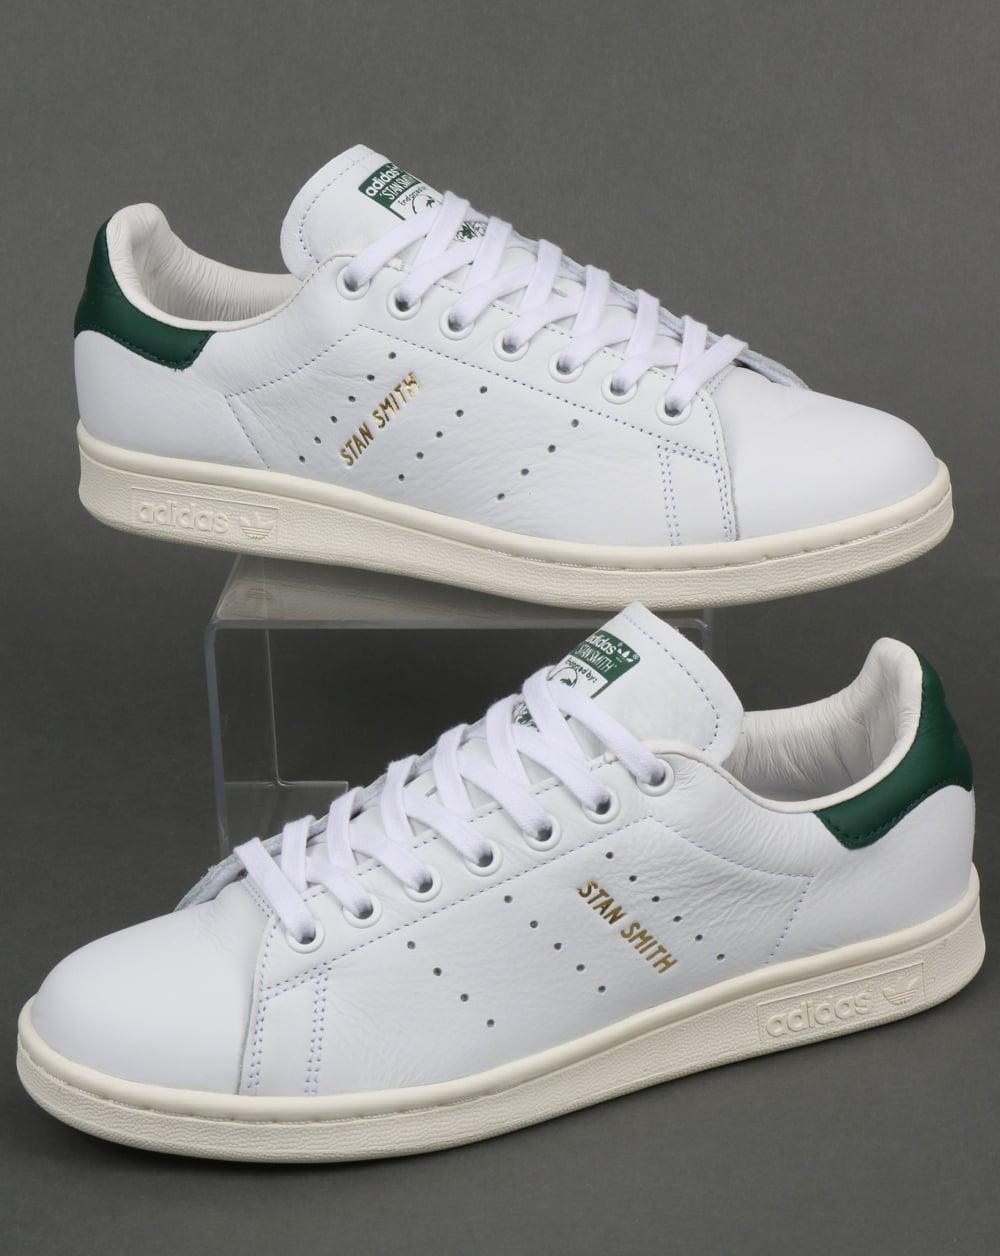 Adidas Stan Smith Trainers WhiteCollegiate Green